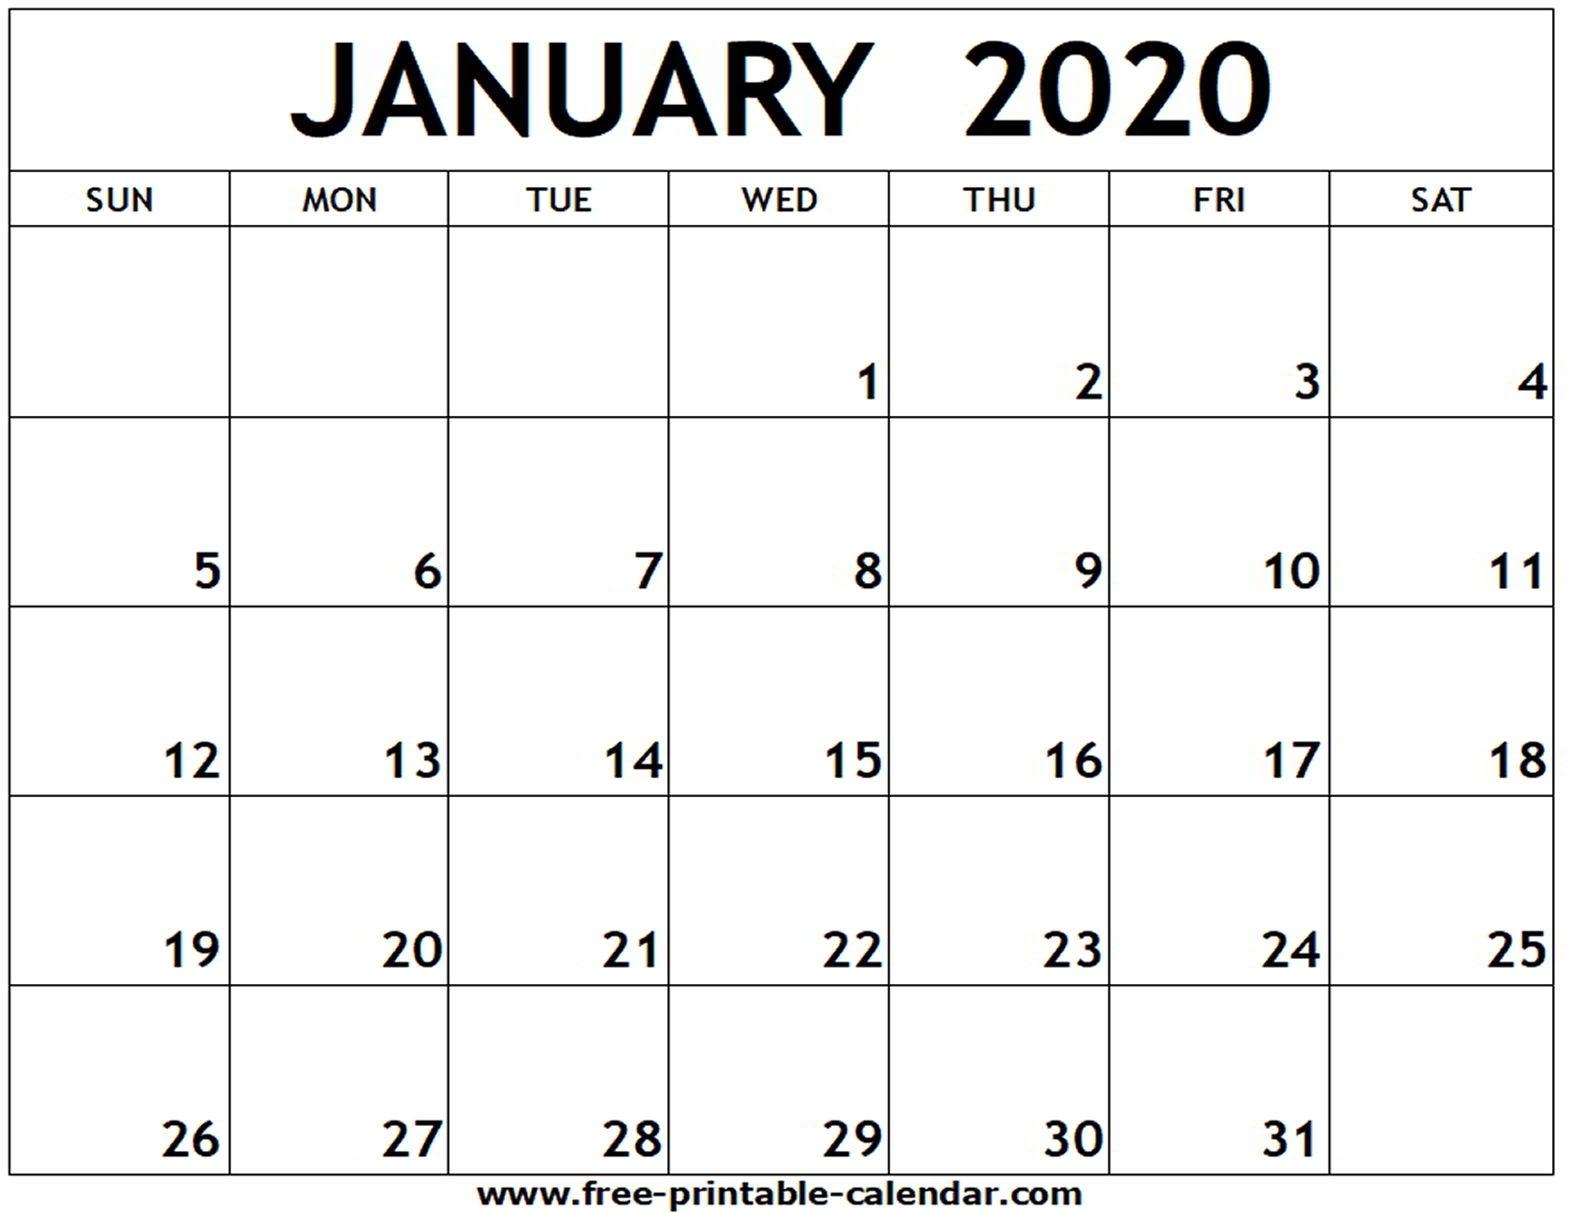 January 2020 Printable Calendar - Free-Printable-Calendar with Printable Calendar 2020 Monthly Free